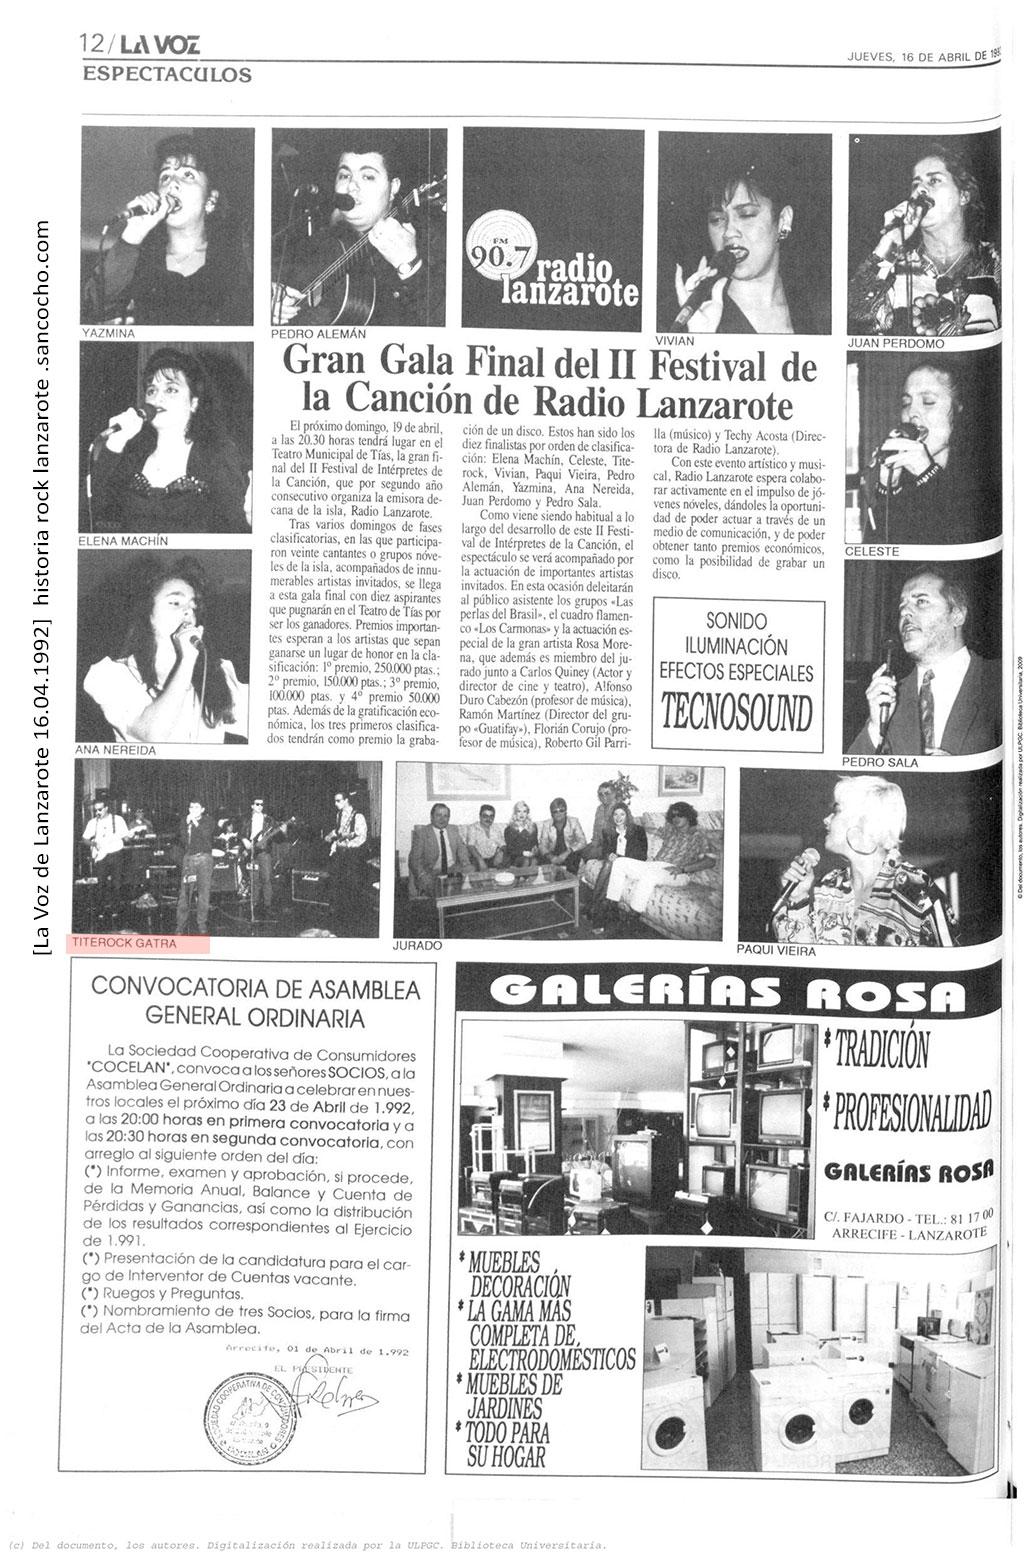 La-Voz-de-Lanzarote-16041992-Festival-de-la-cancion-Radio-Lanzarote